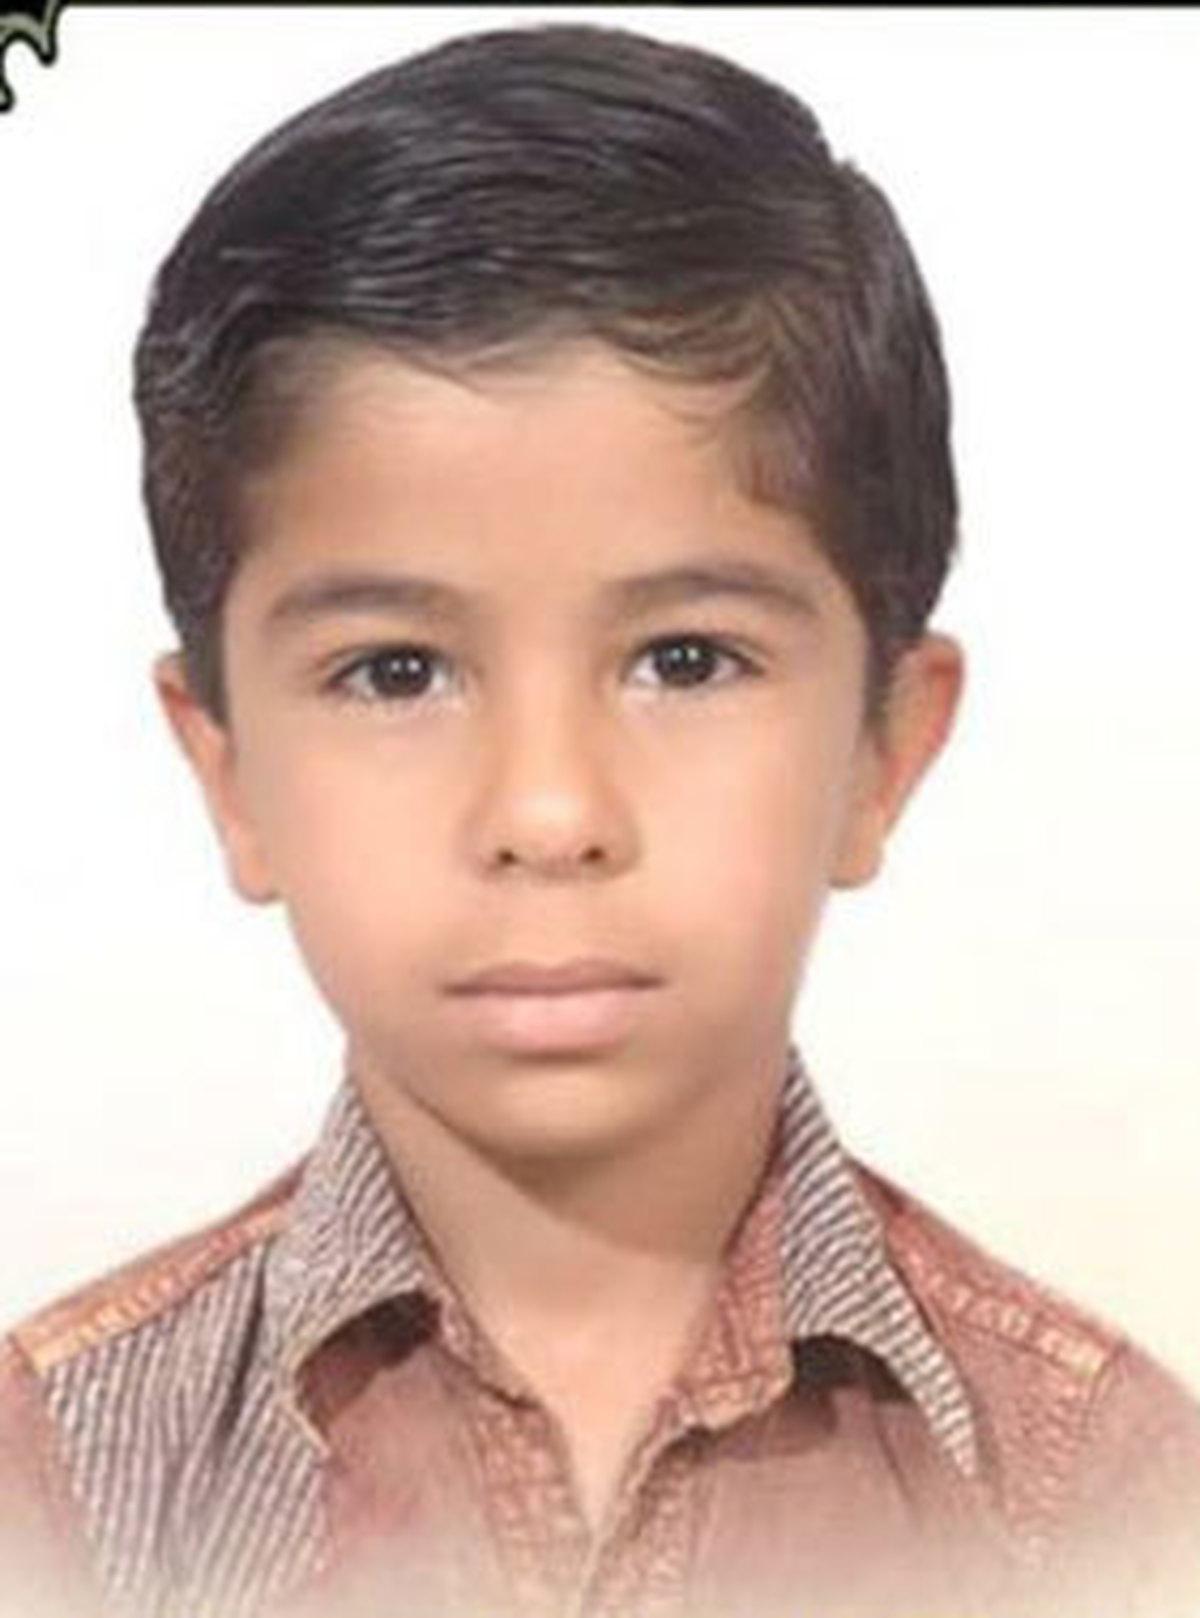 خودکشی پسر بوشهری به دلیل نداشتن موبایل تکذیب شد+ سند